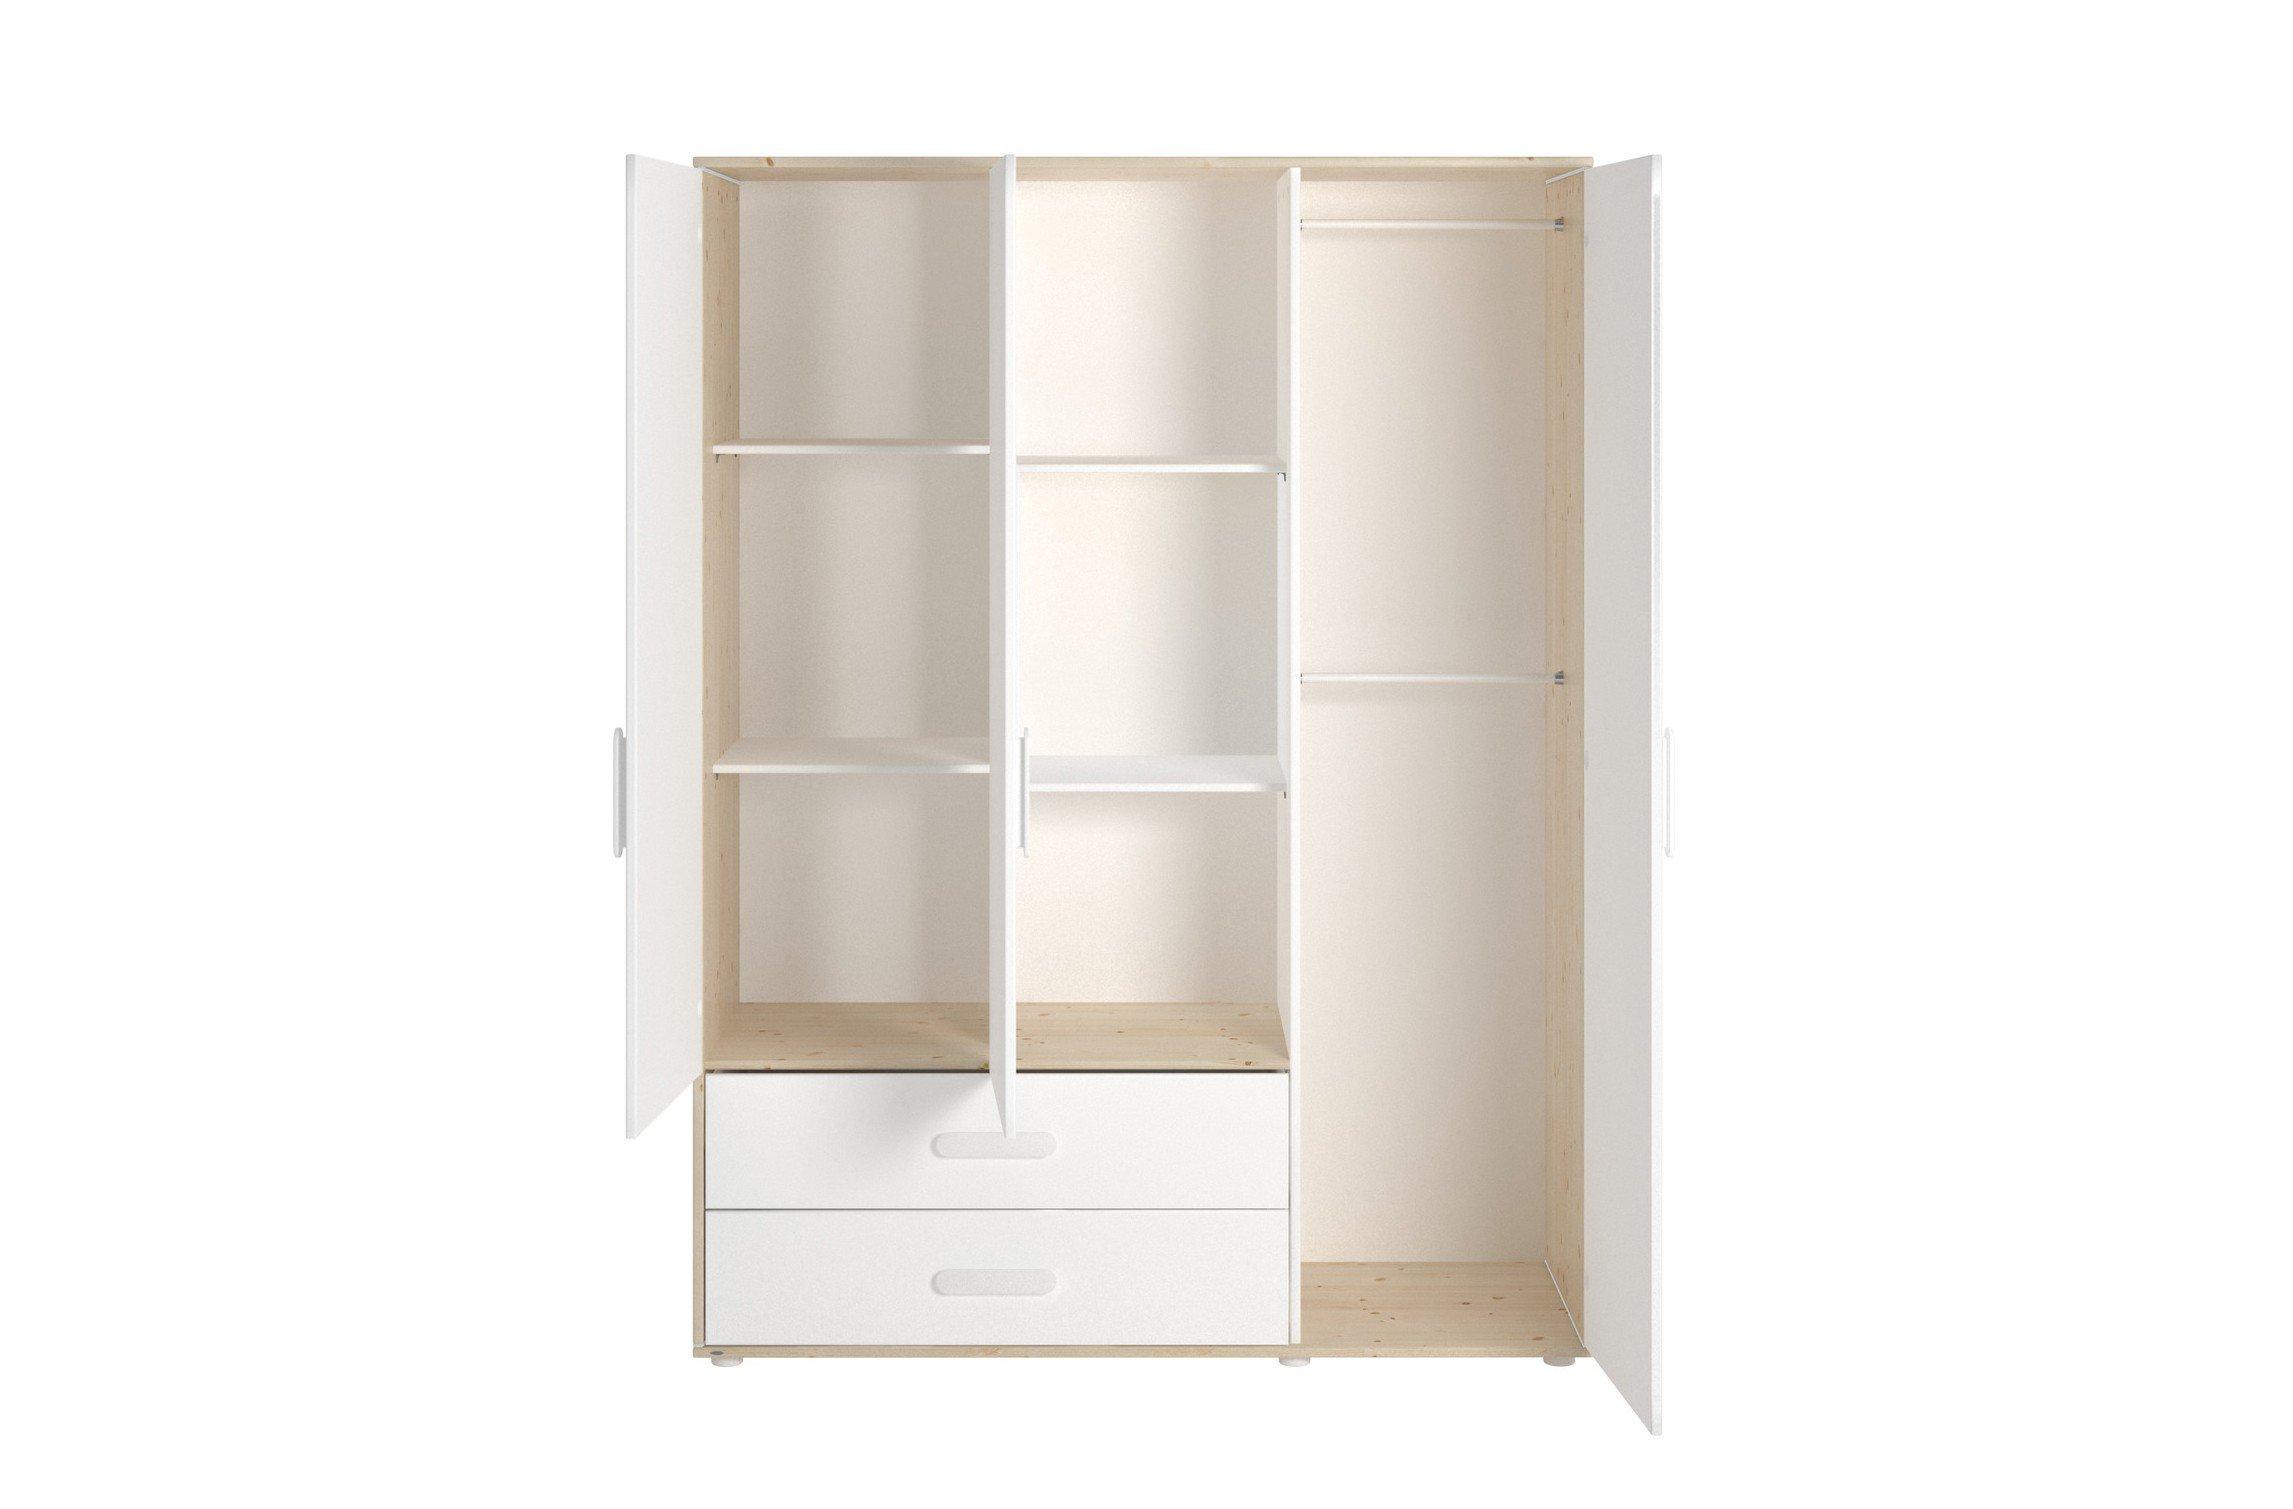 3 t riger schrank n st von flexa kiefer m bel letz ihr online shop. Black Bedroom Furniture Sets. Home Design Ideas